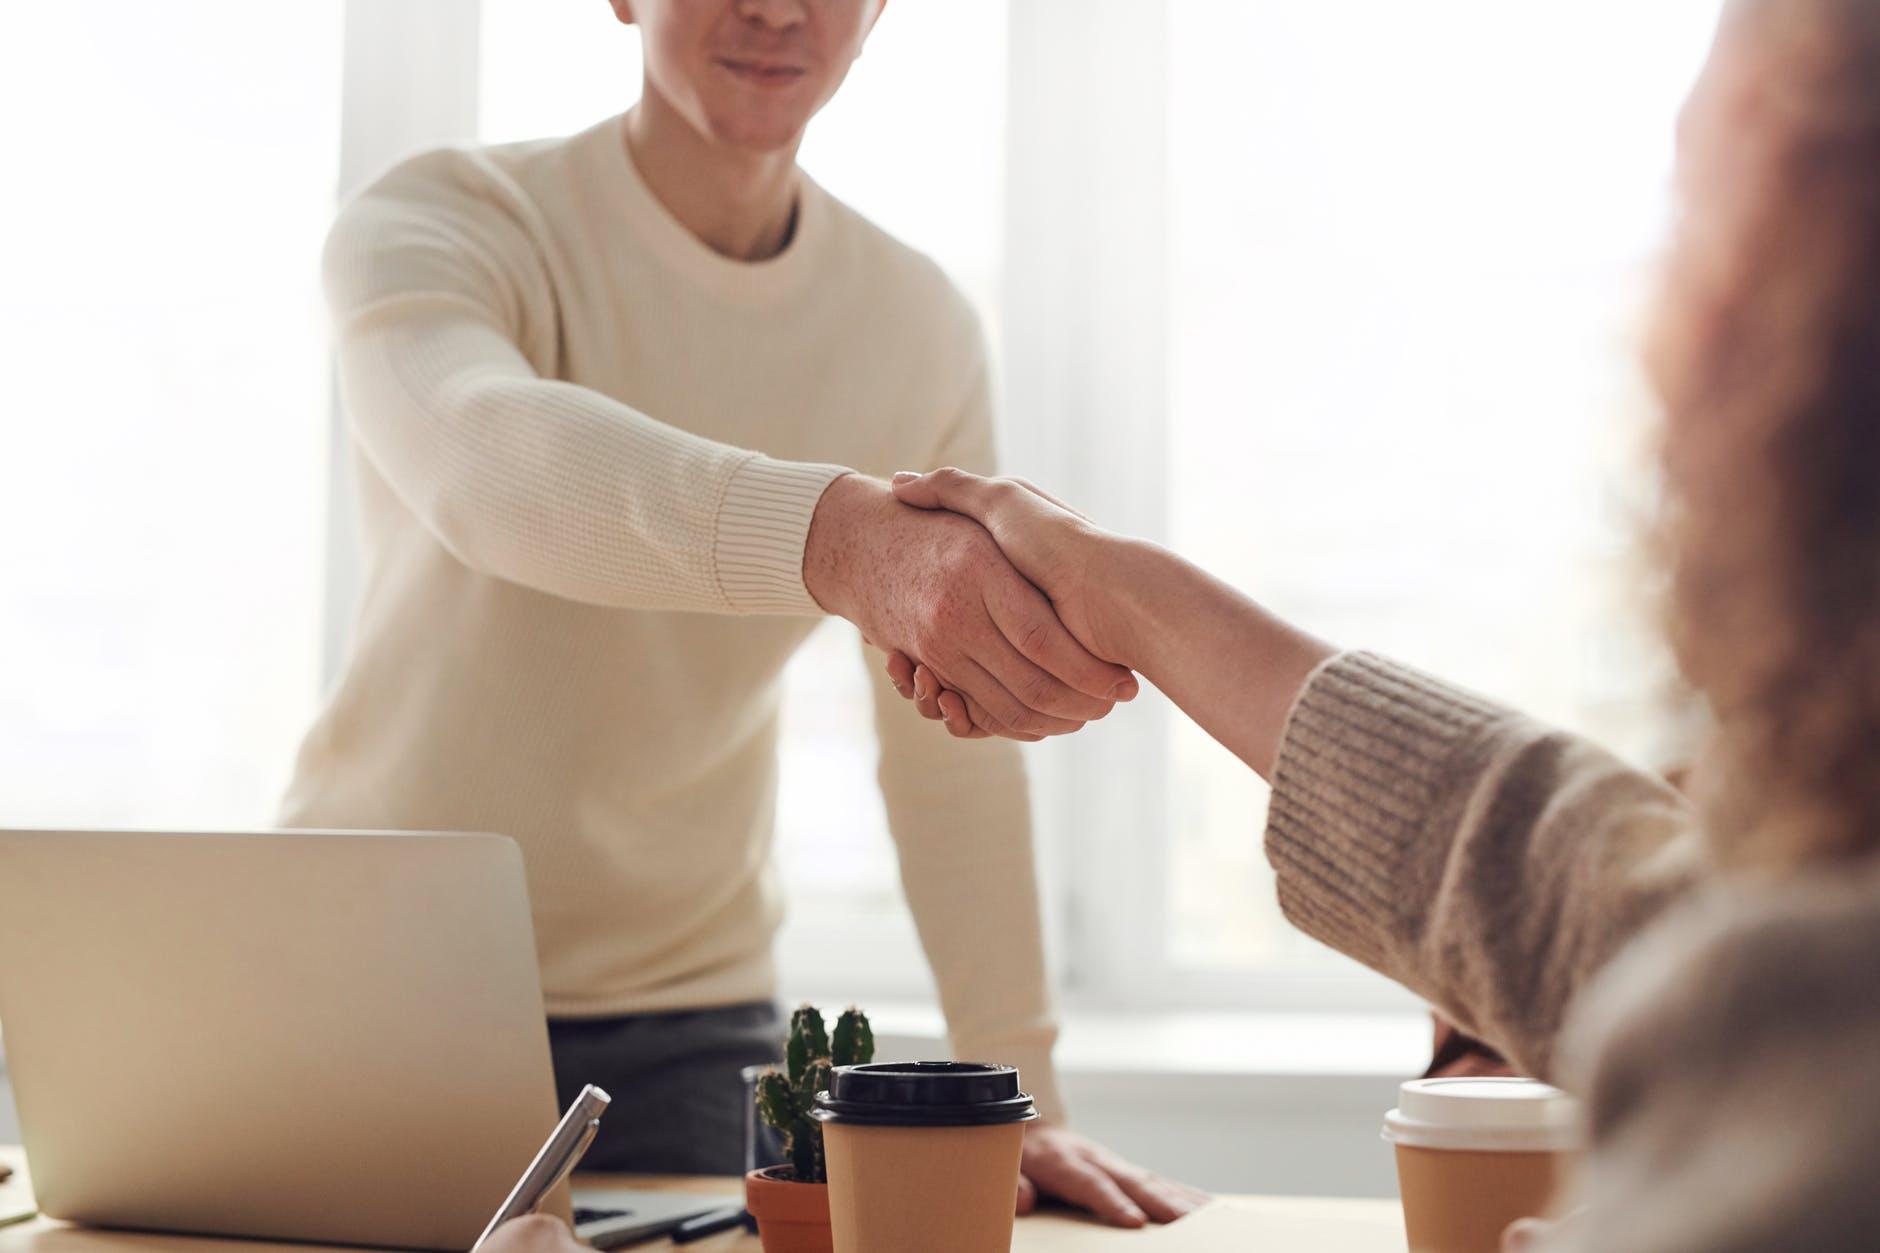 agenzia partner di alibaba.com - east media